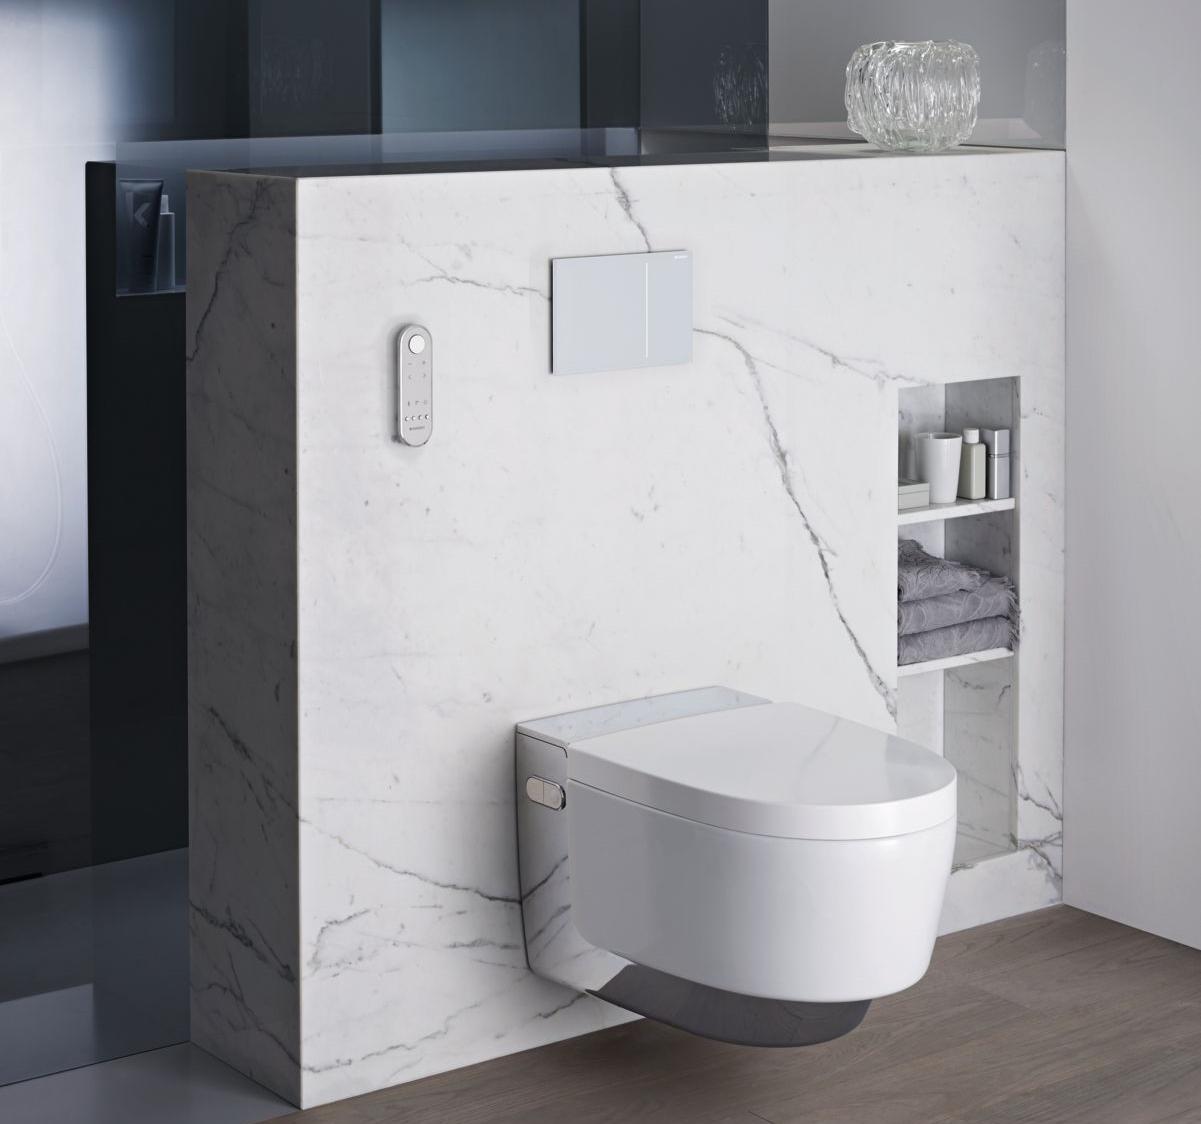 UW-woonmagazine blog pimp je saaie toilet geberit aquaclean toilet mera douchewc door Styling ID